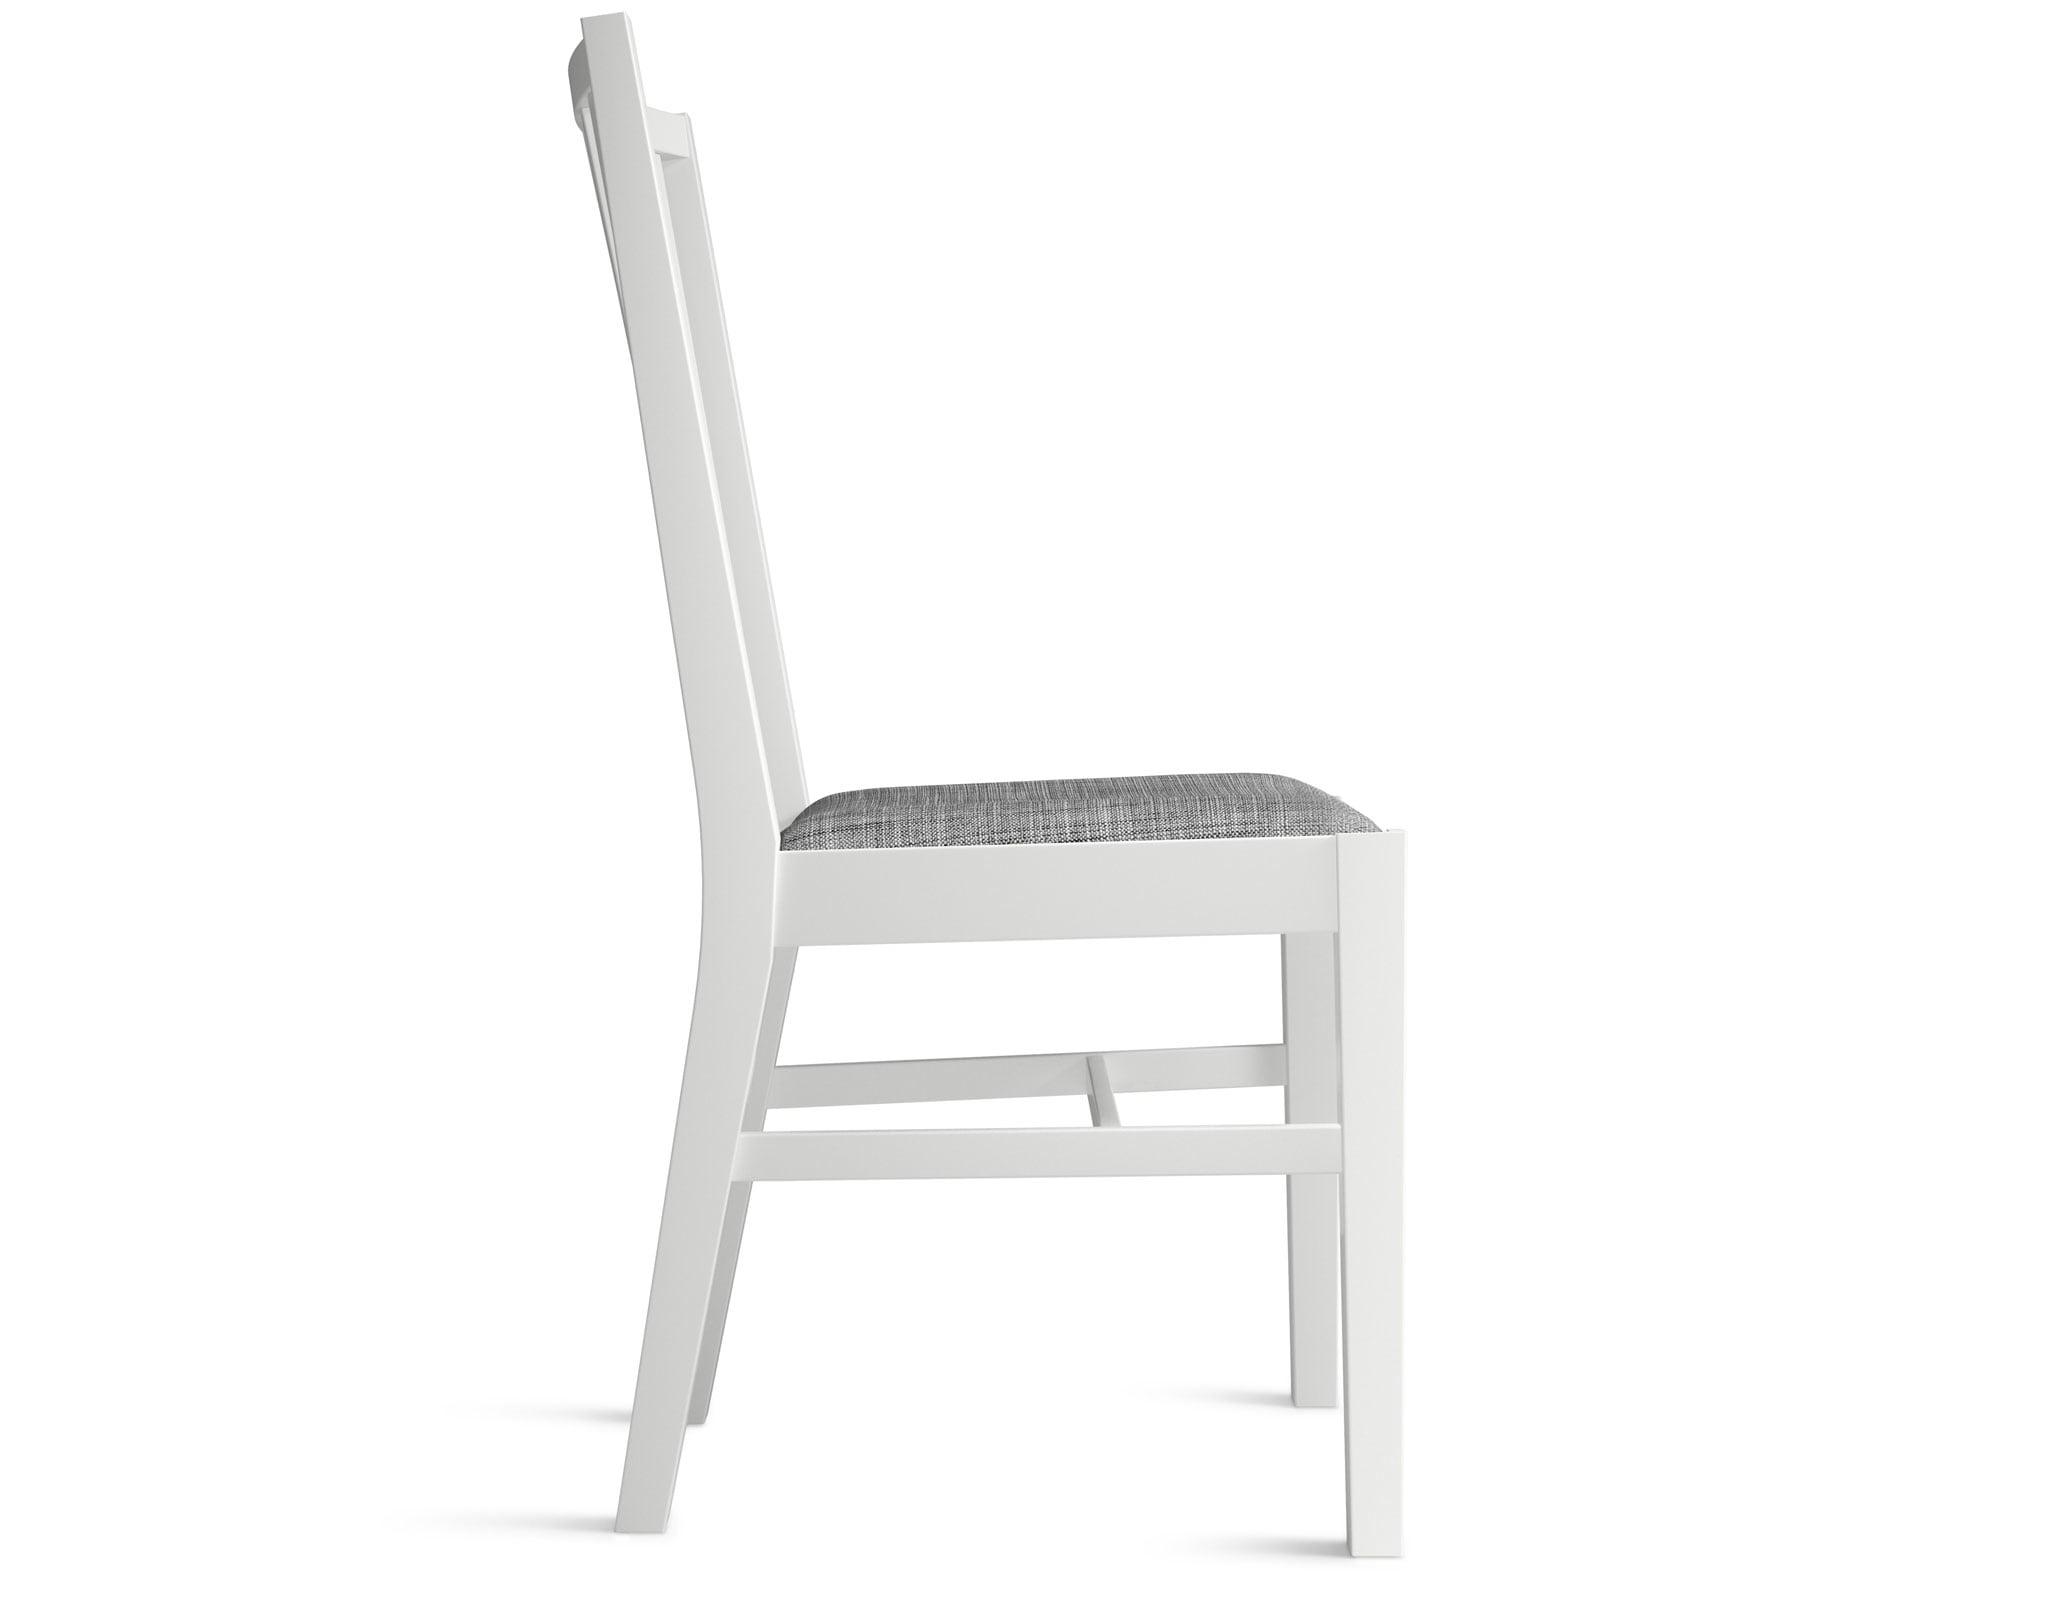 Ikea Sillas Comedor Thdr Sillas De Edor Salà N Y Cocina Pra Online Ikea